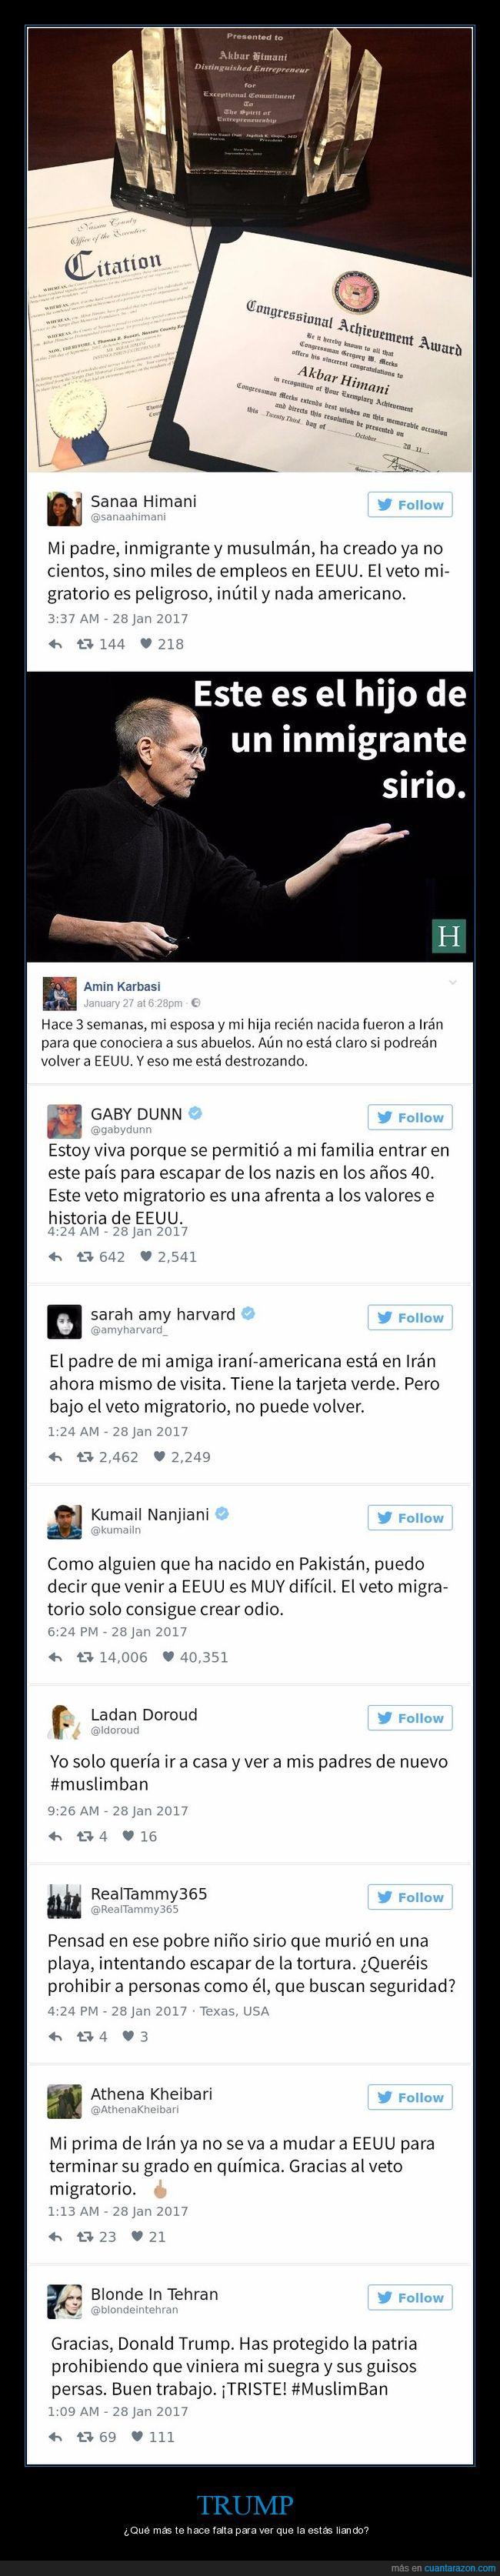 donald trump,inmigración,leyes,tweets,wtf